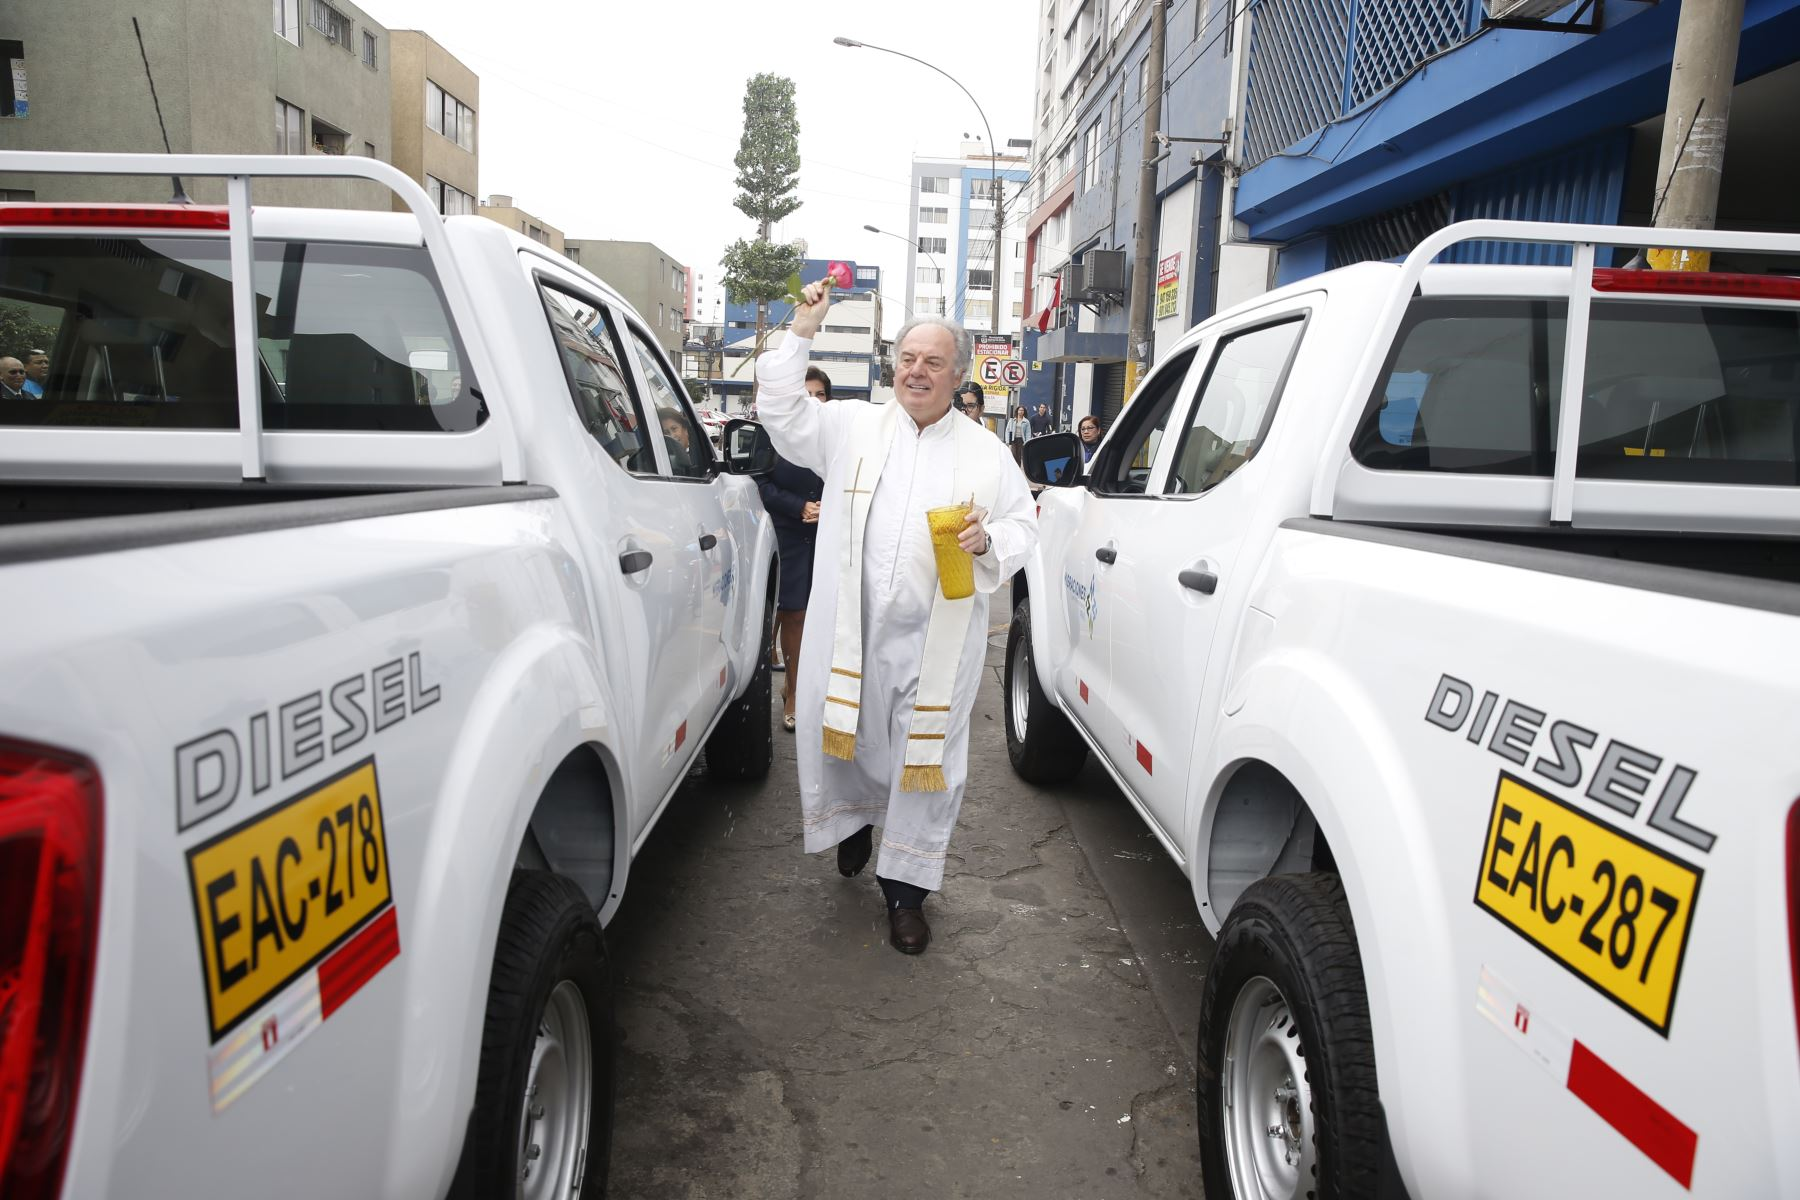 Migraciones adquiere dieciséis vehículos para fiscalización migratoria. Párroco bendijo flota vehícular. Foto: ANDINA/Renato Pajuelo